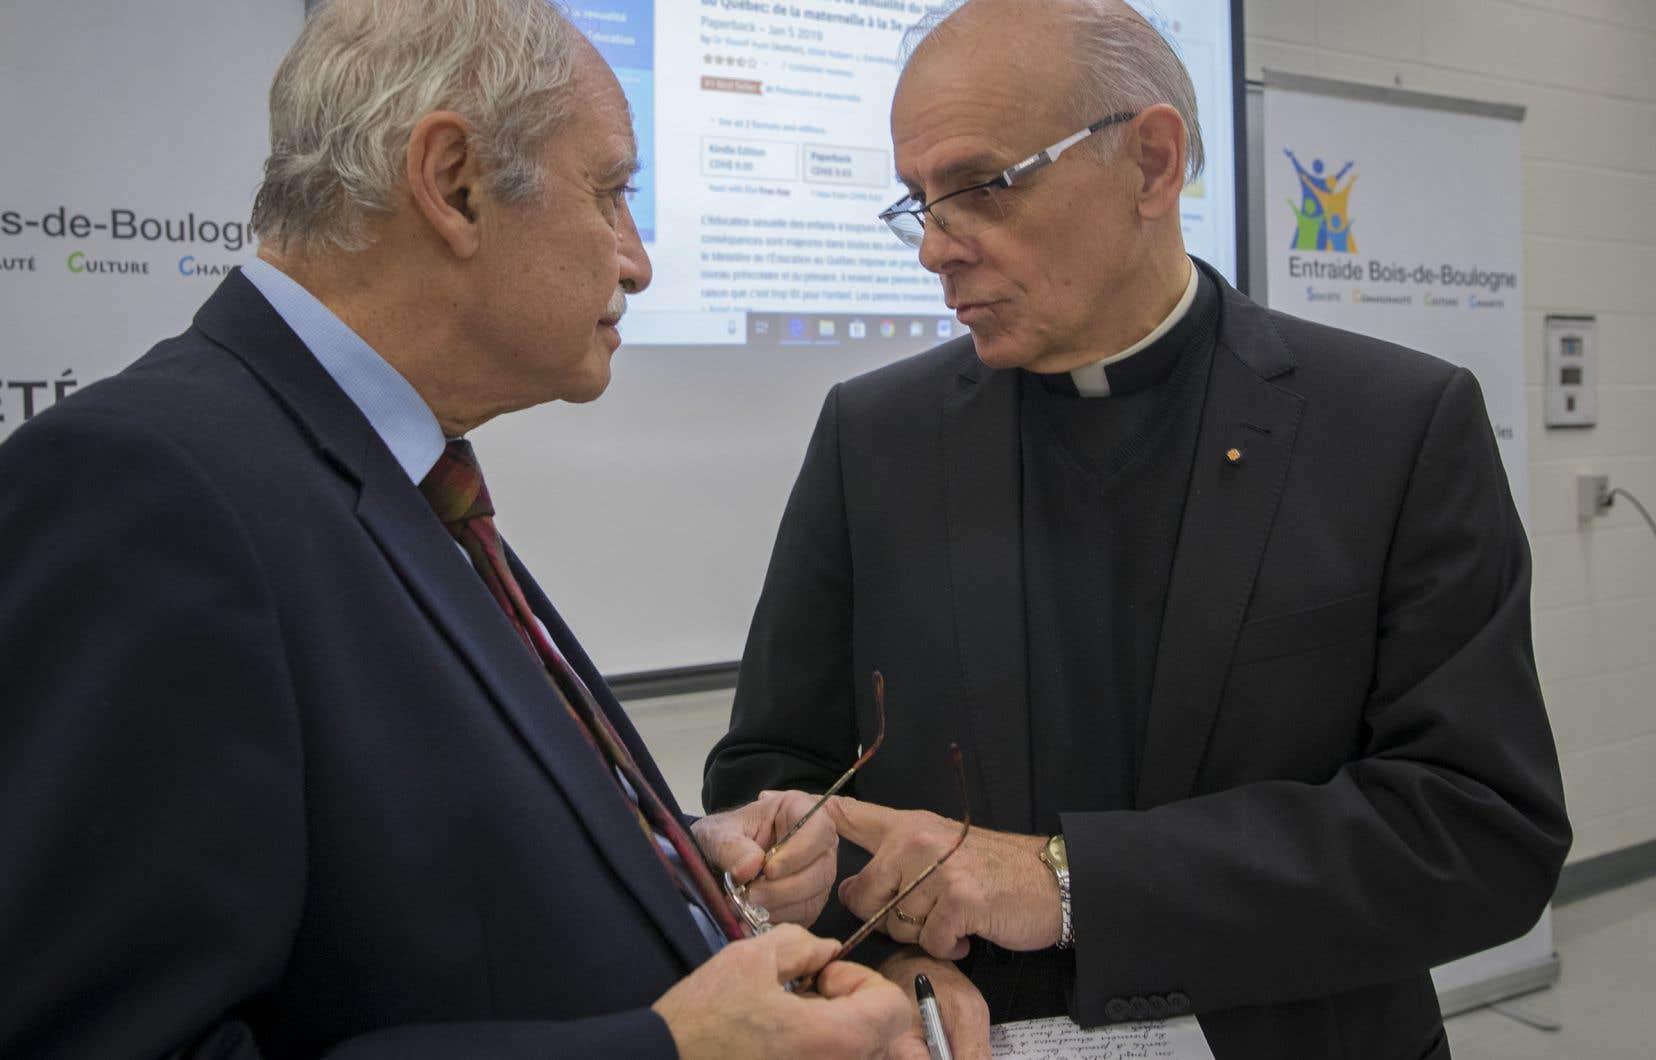 Le docteur Raouf Ayas et l'abbé Robert Gendreau, essayistes et conférenciers qui s'opposent au programme d'éducation sexuelle.